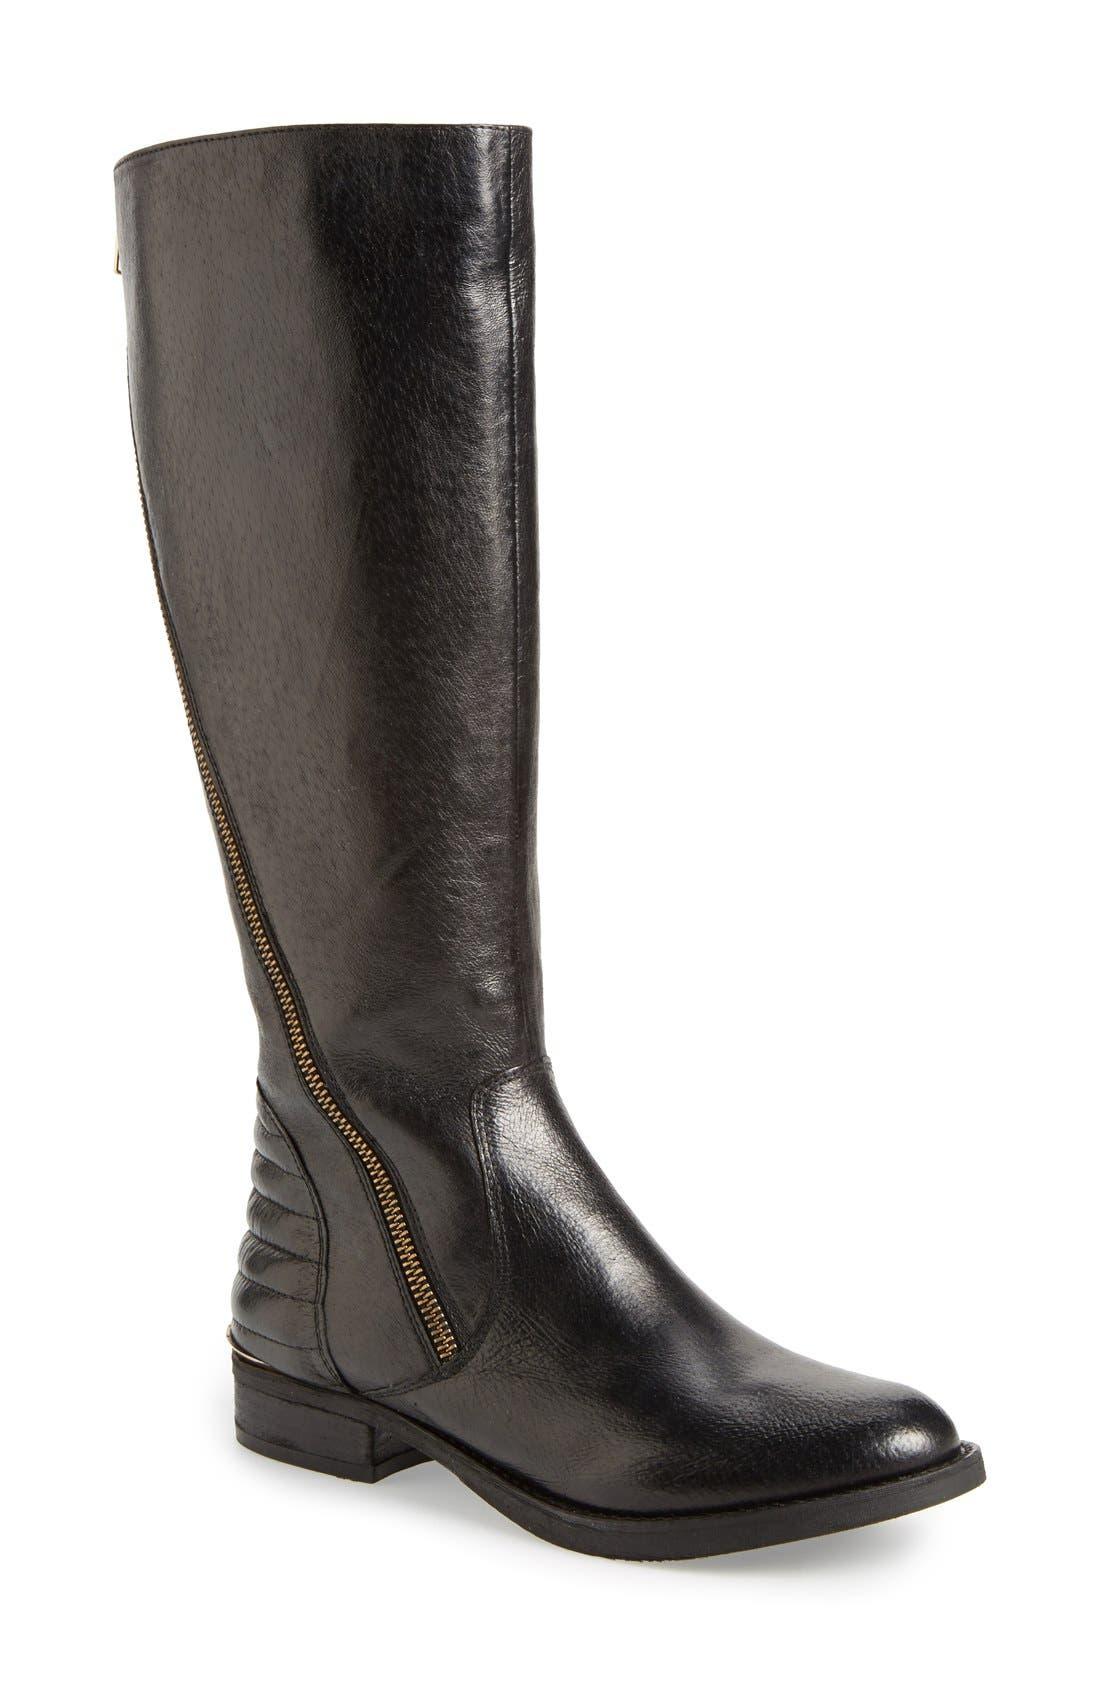 Alternate Image 1 Selected - Steve Madden 'Abbyy' Boot (Women)